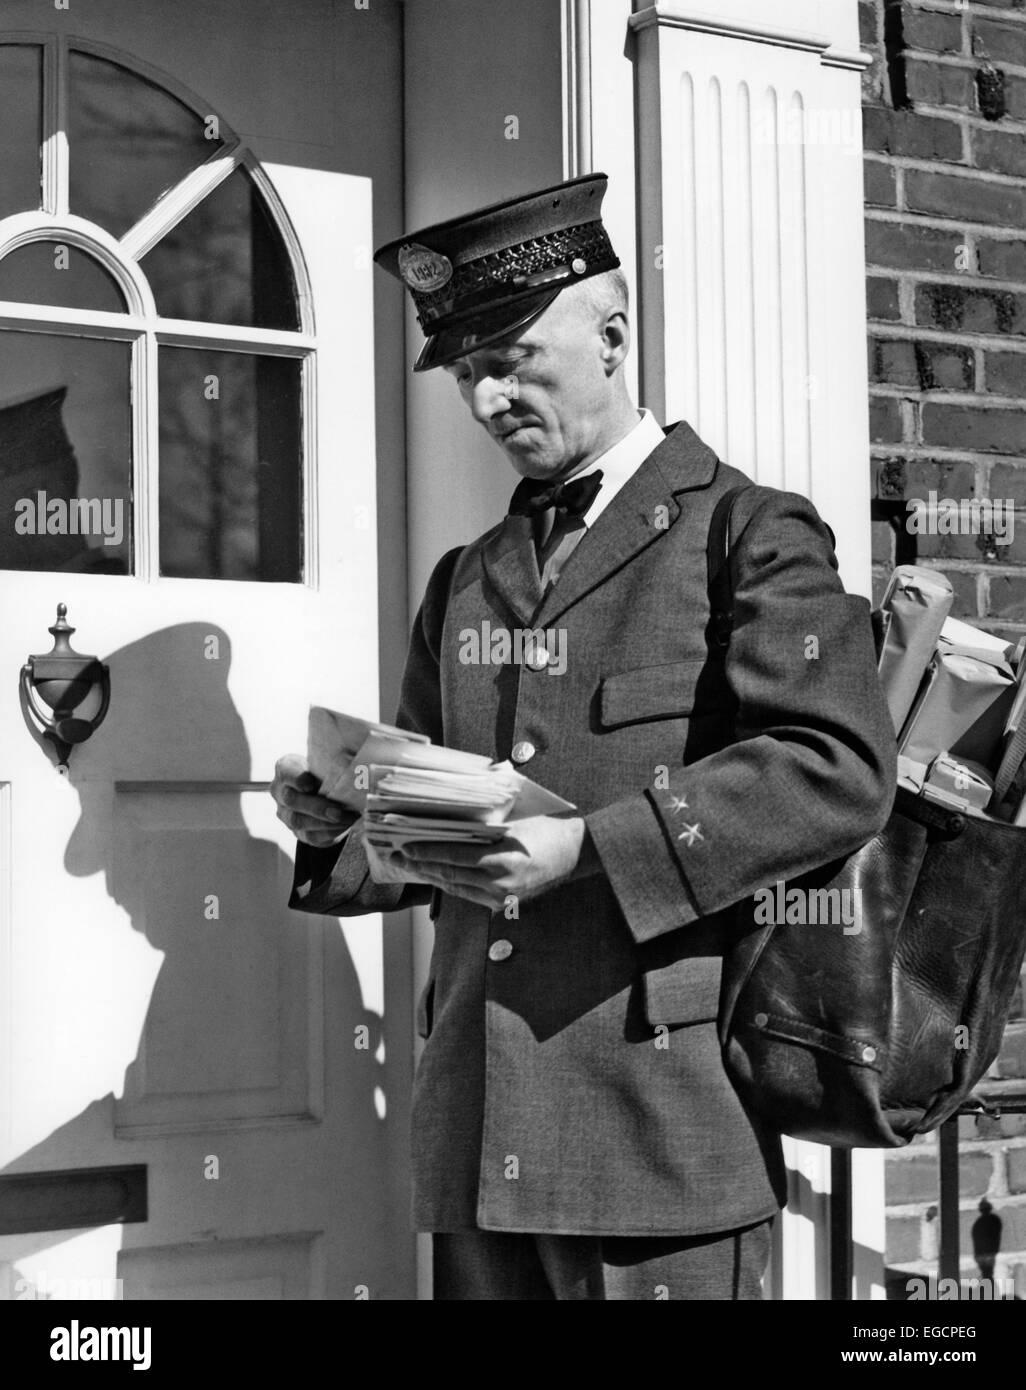 S S Postal Service Uniformed Mailman Delivering